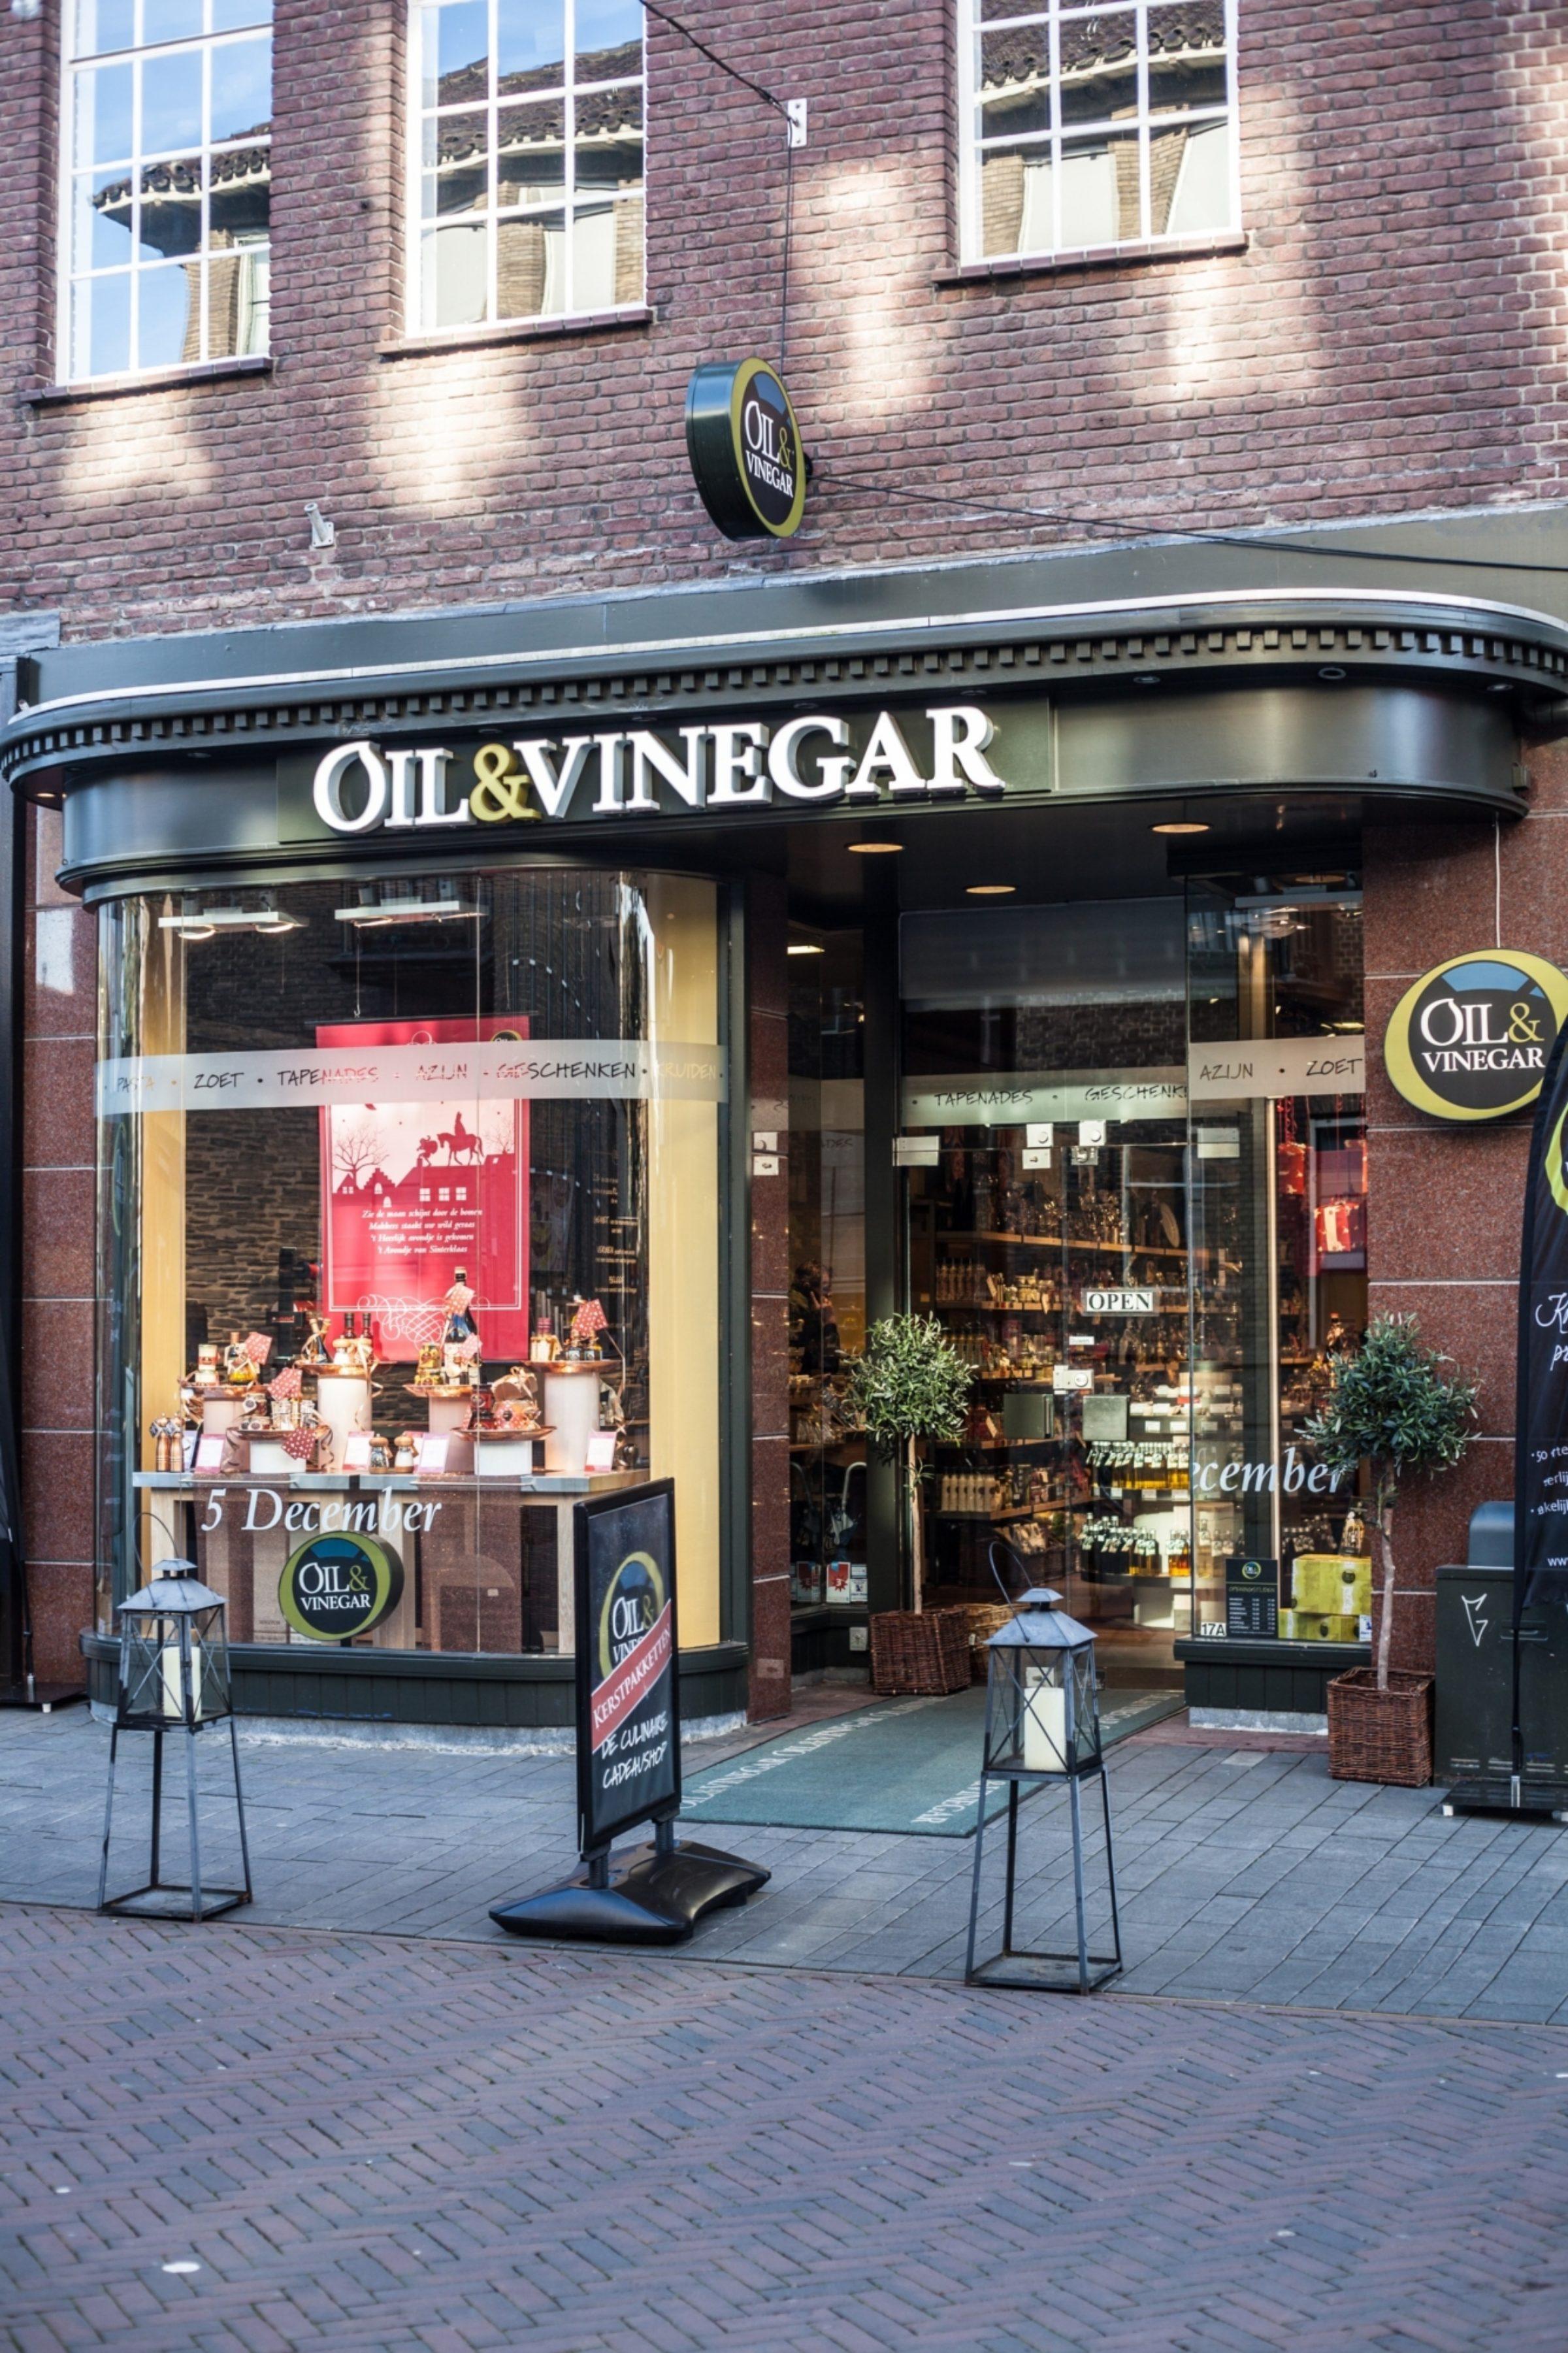 Oilandvinegar 7